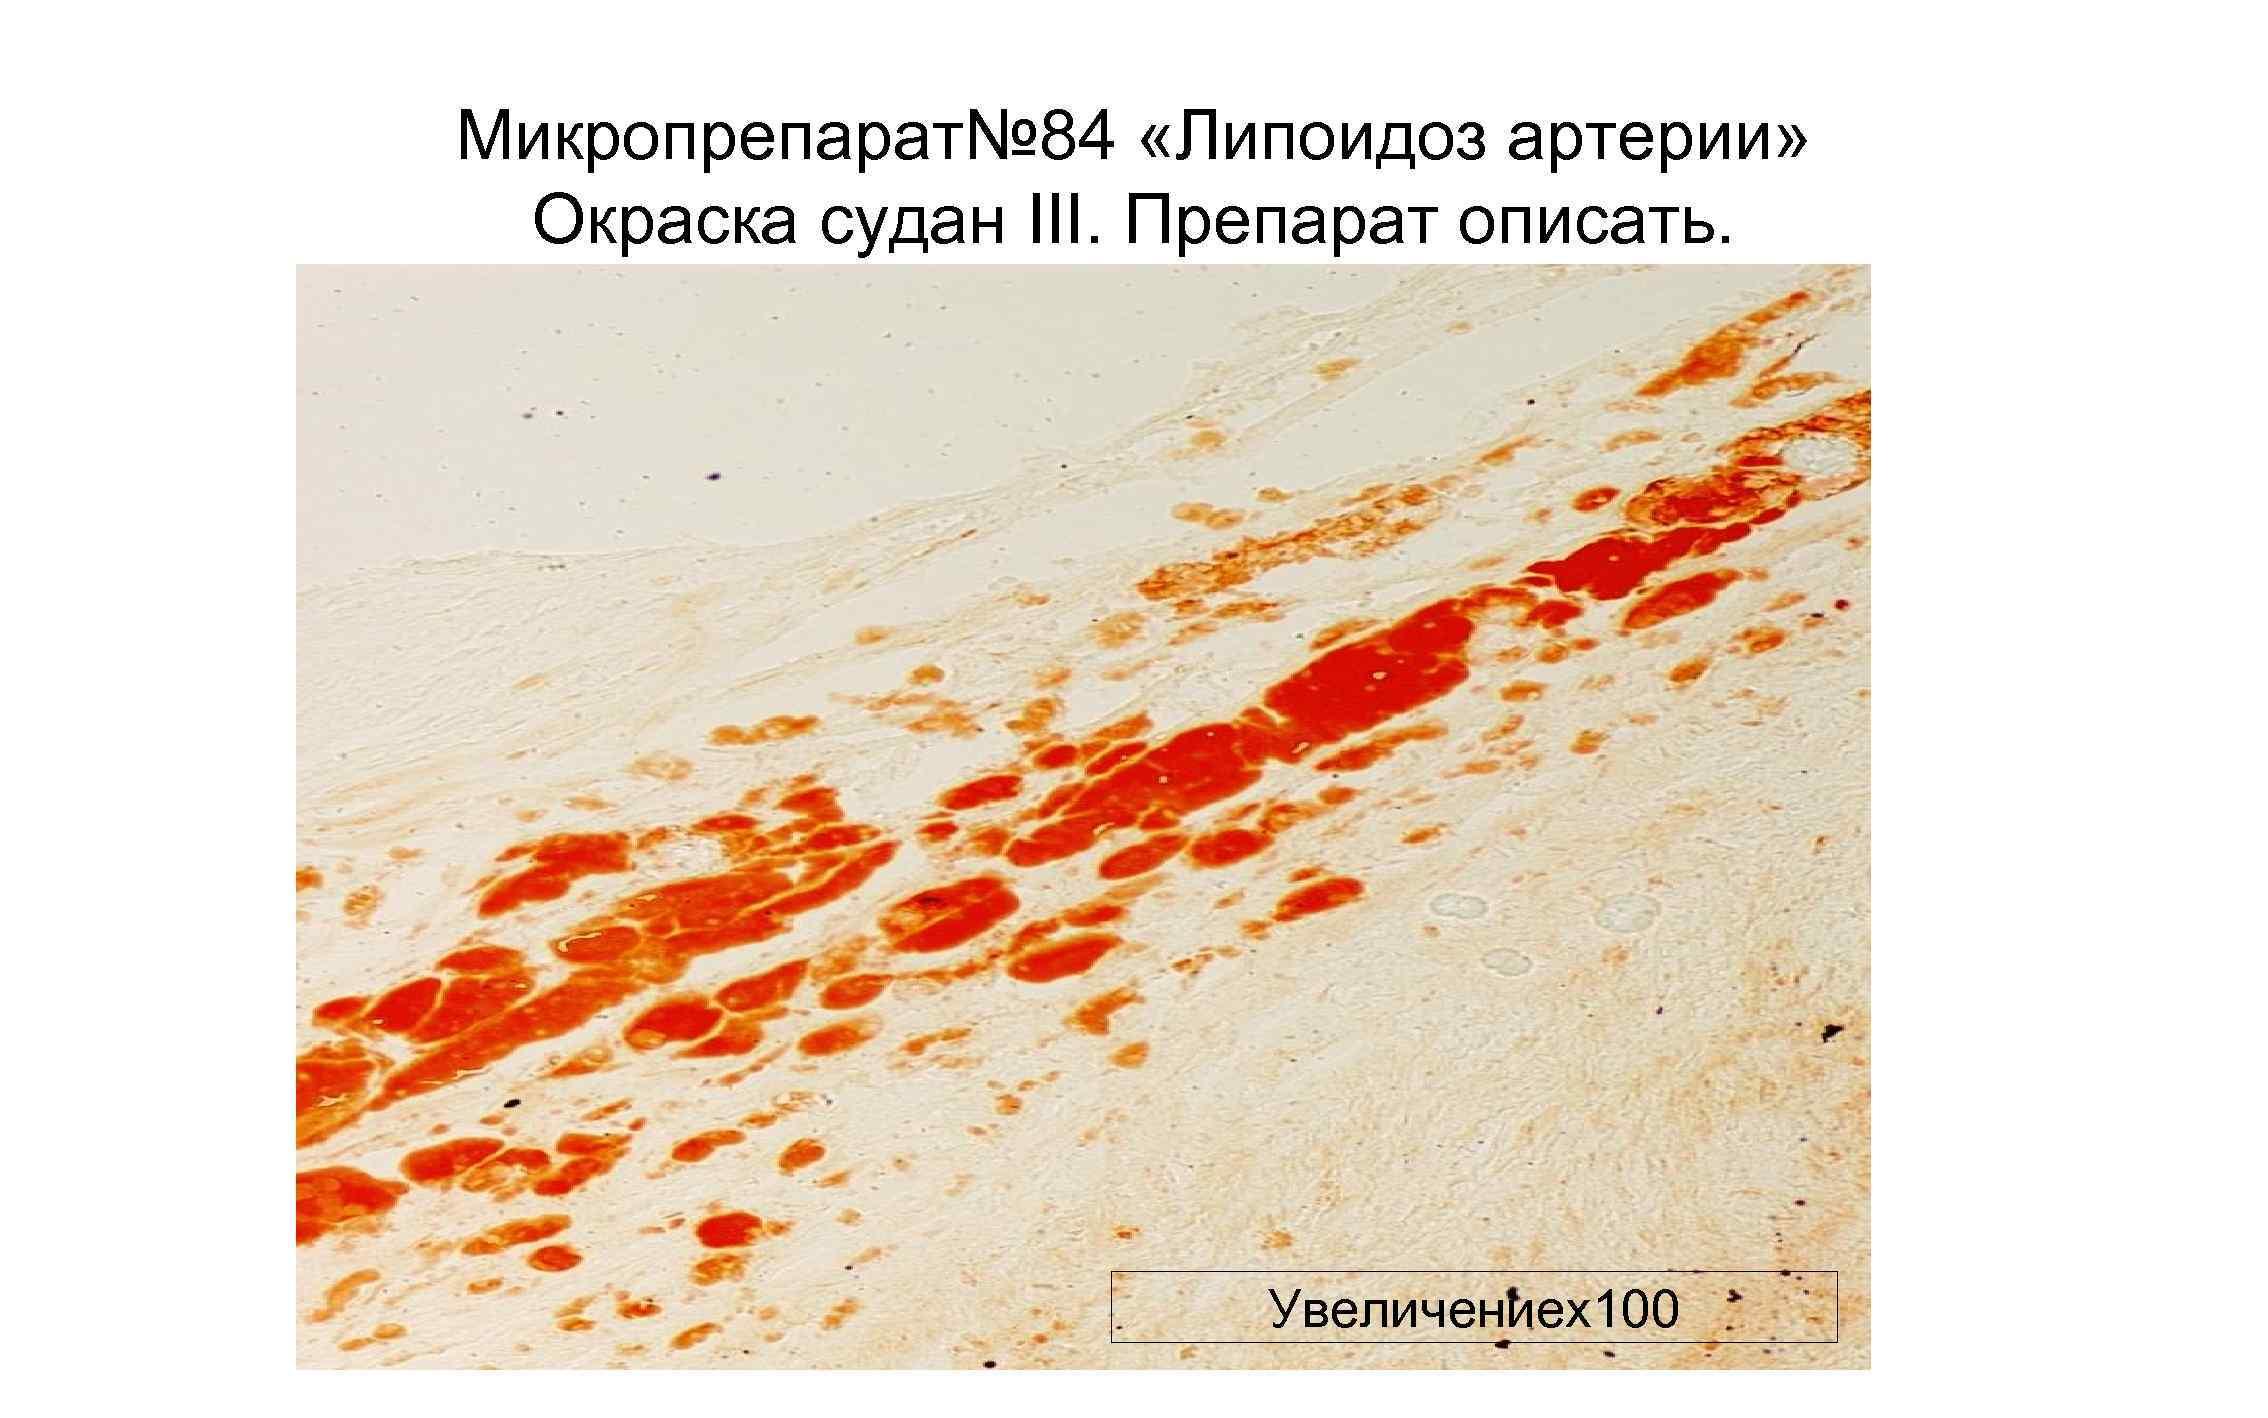 Микропрепарат№ 84 «Липоидоз артерии» Окраска судан III. Препарат описать. Увеличениех100